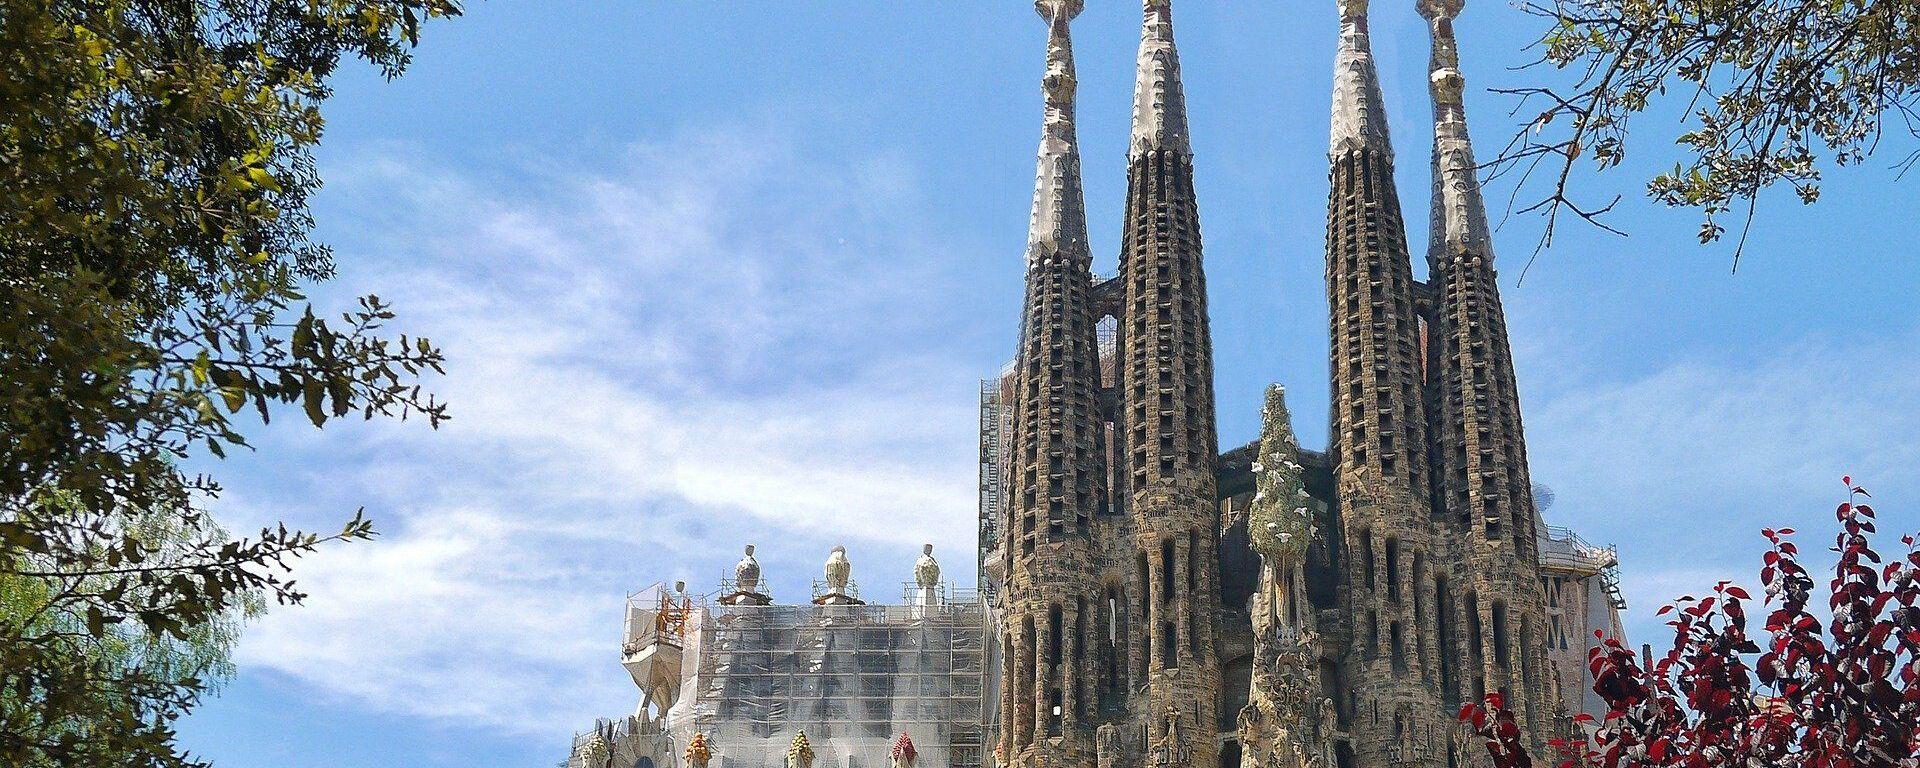 La Sagrada Familia de Barcelona - Sputnik Mundo, 1920, 30.05.2021